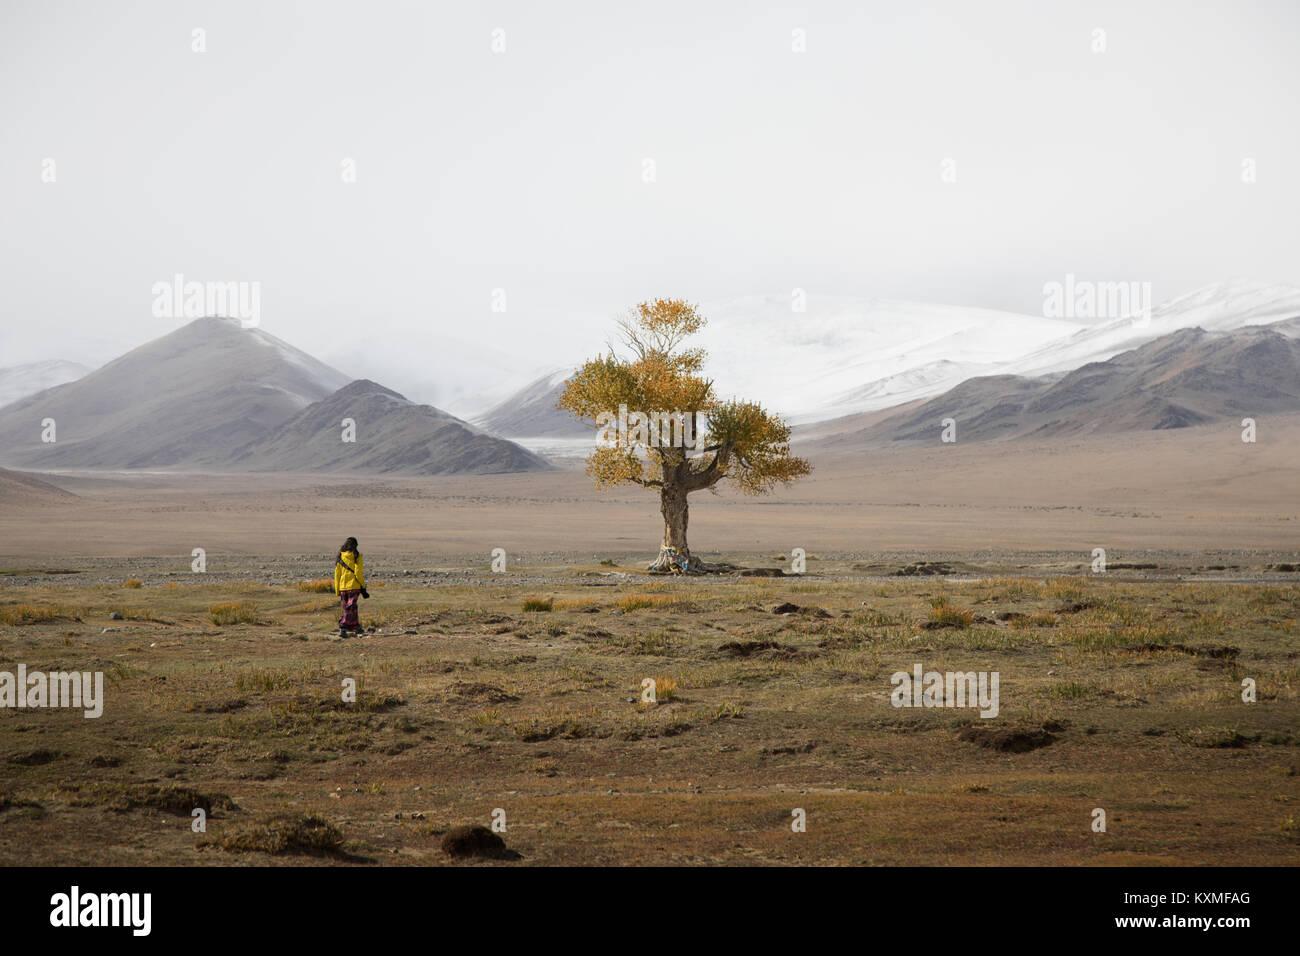 Solitario árbol hojas Amarillo otoño invierno nublado brumosas montañas nevadas praderas de las estepas de Mongolia Foto de stock